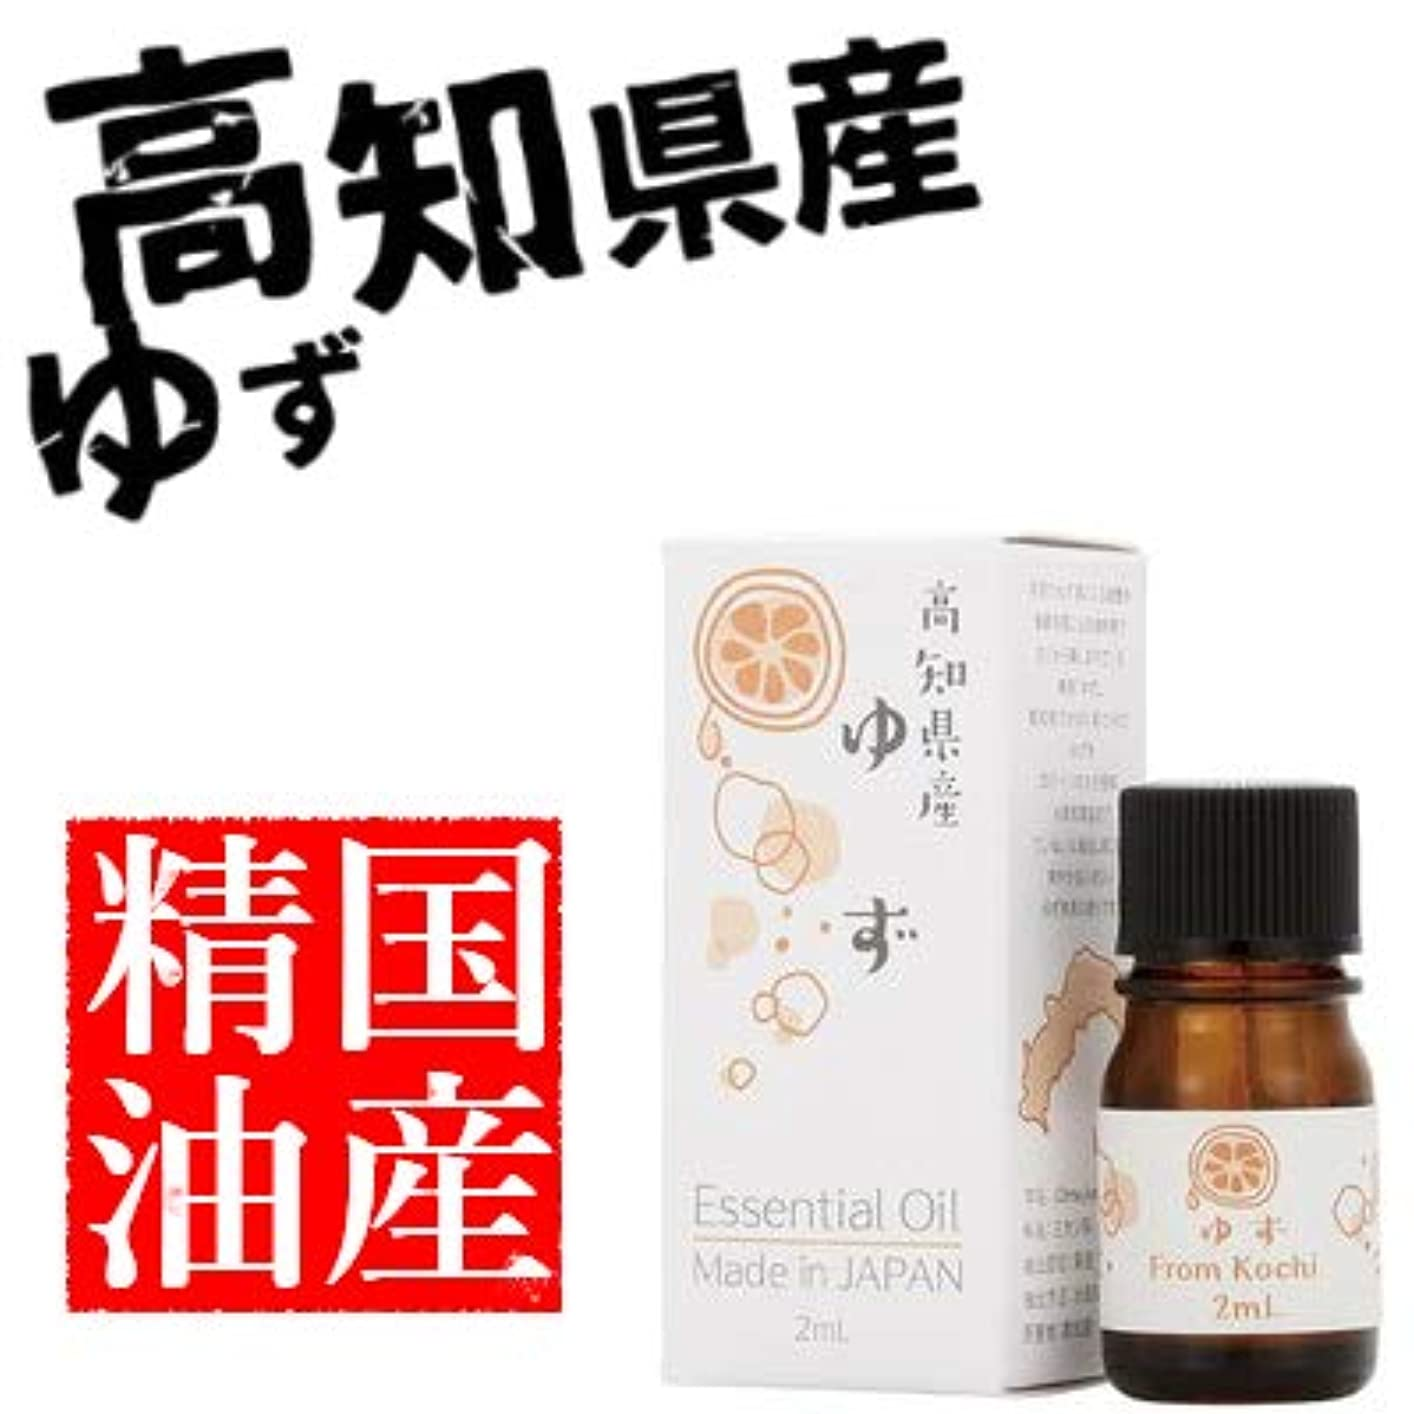 全滅させる枯渇接続詞日本の香りシリーズ ゆず エッセンシャルオイル 国産精油 高知県産 2ml